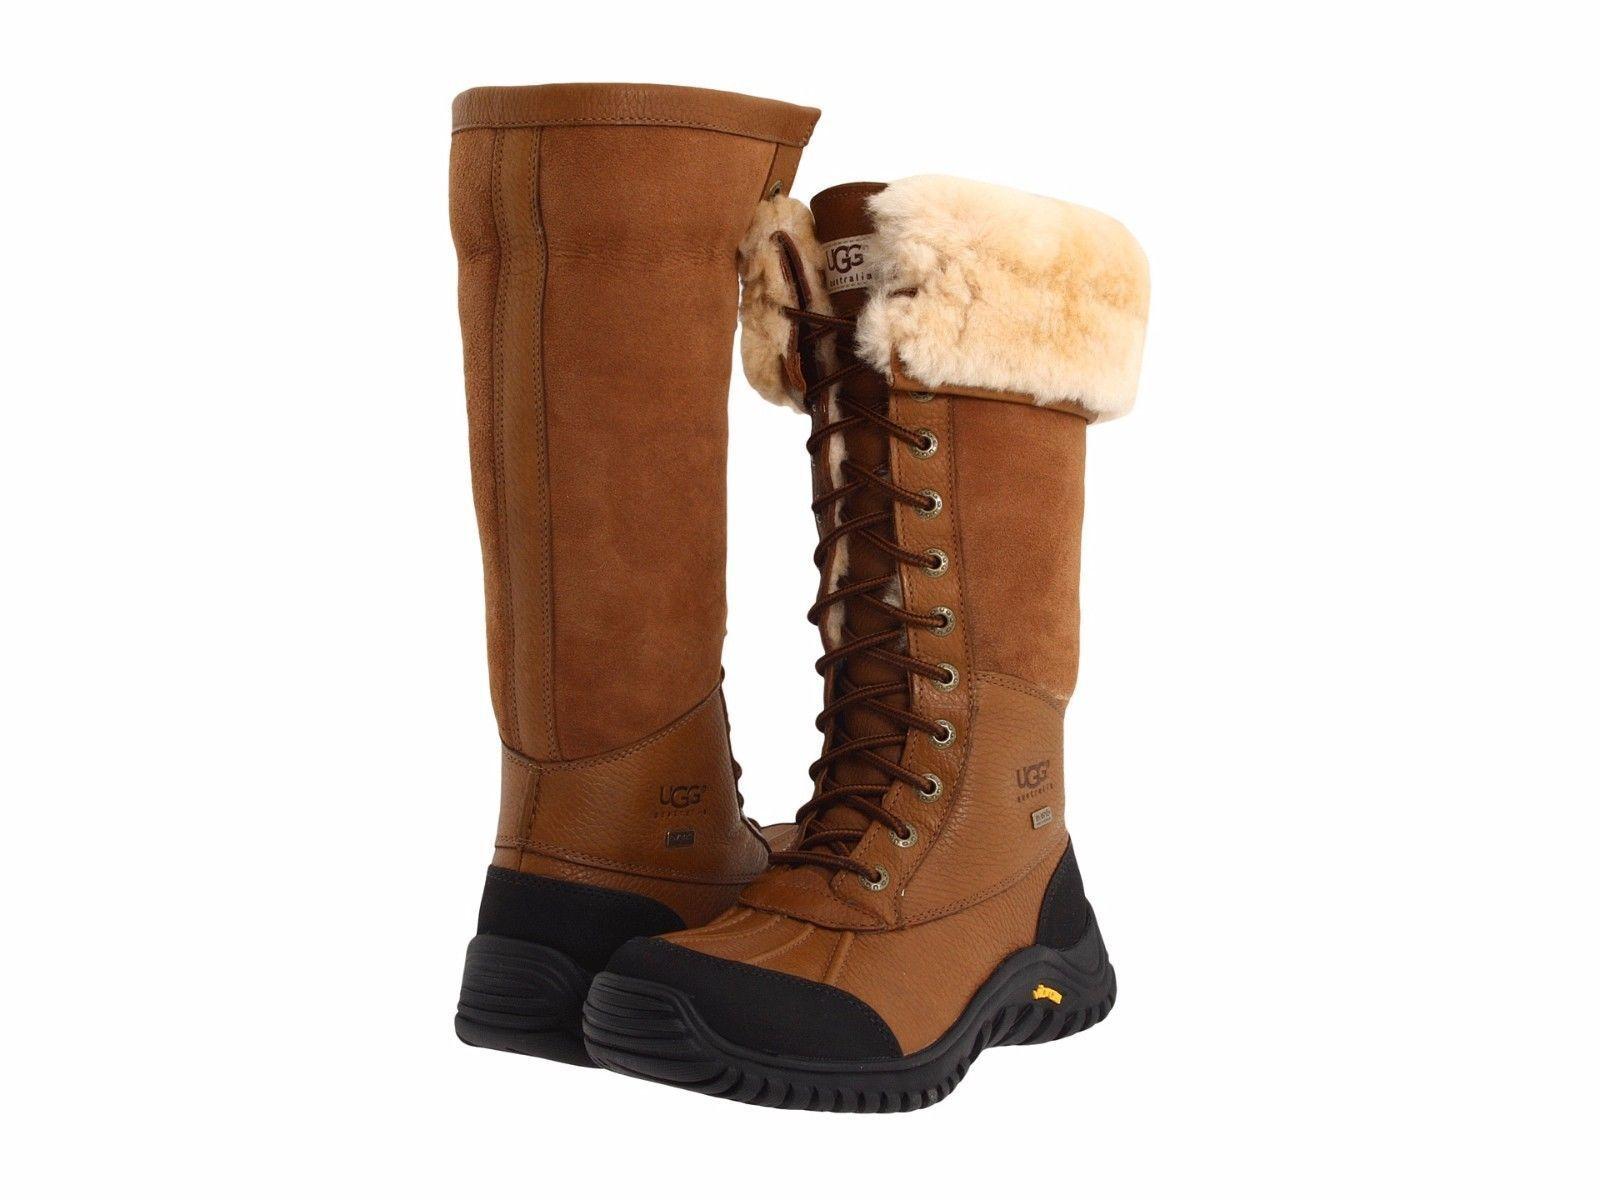 Damenschuhe UGG Adirondack Tall Wasserdichte Schnürstiefel 5498 Otter * New *